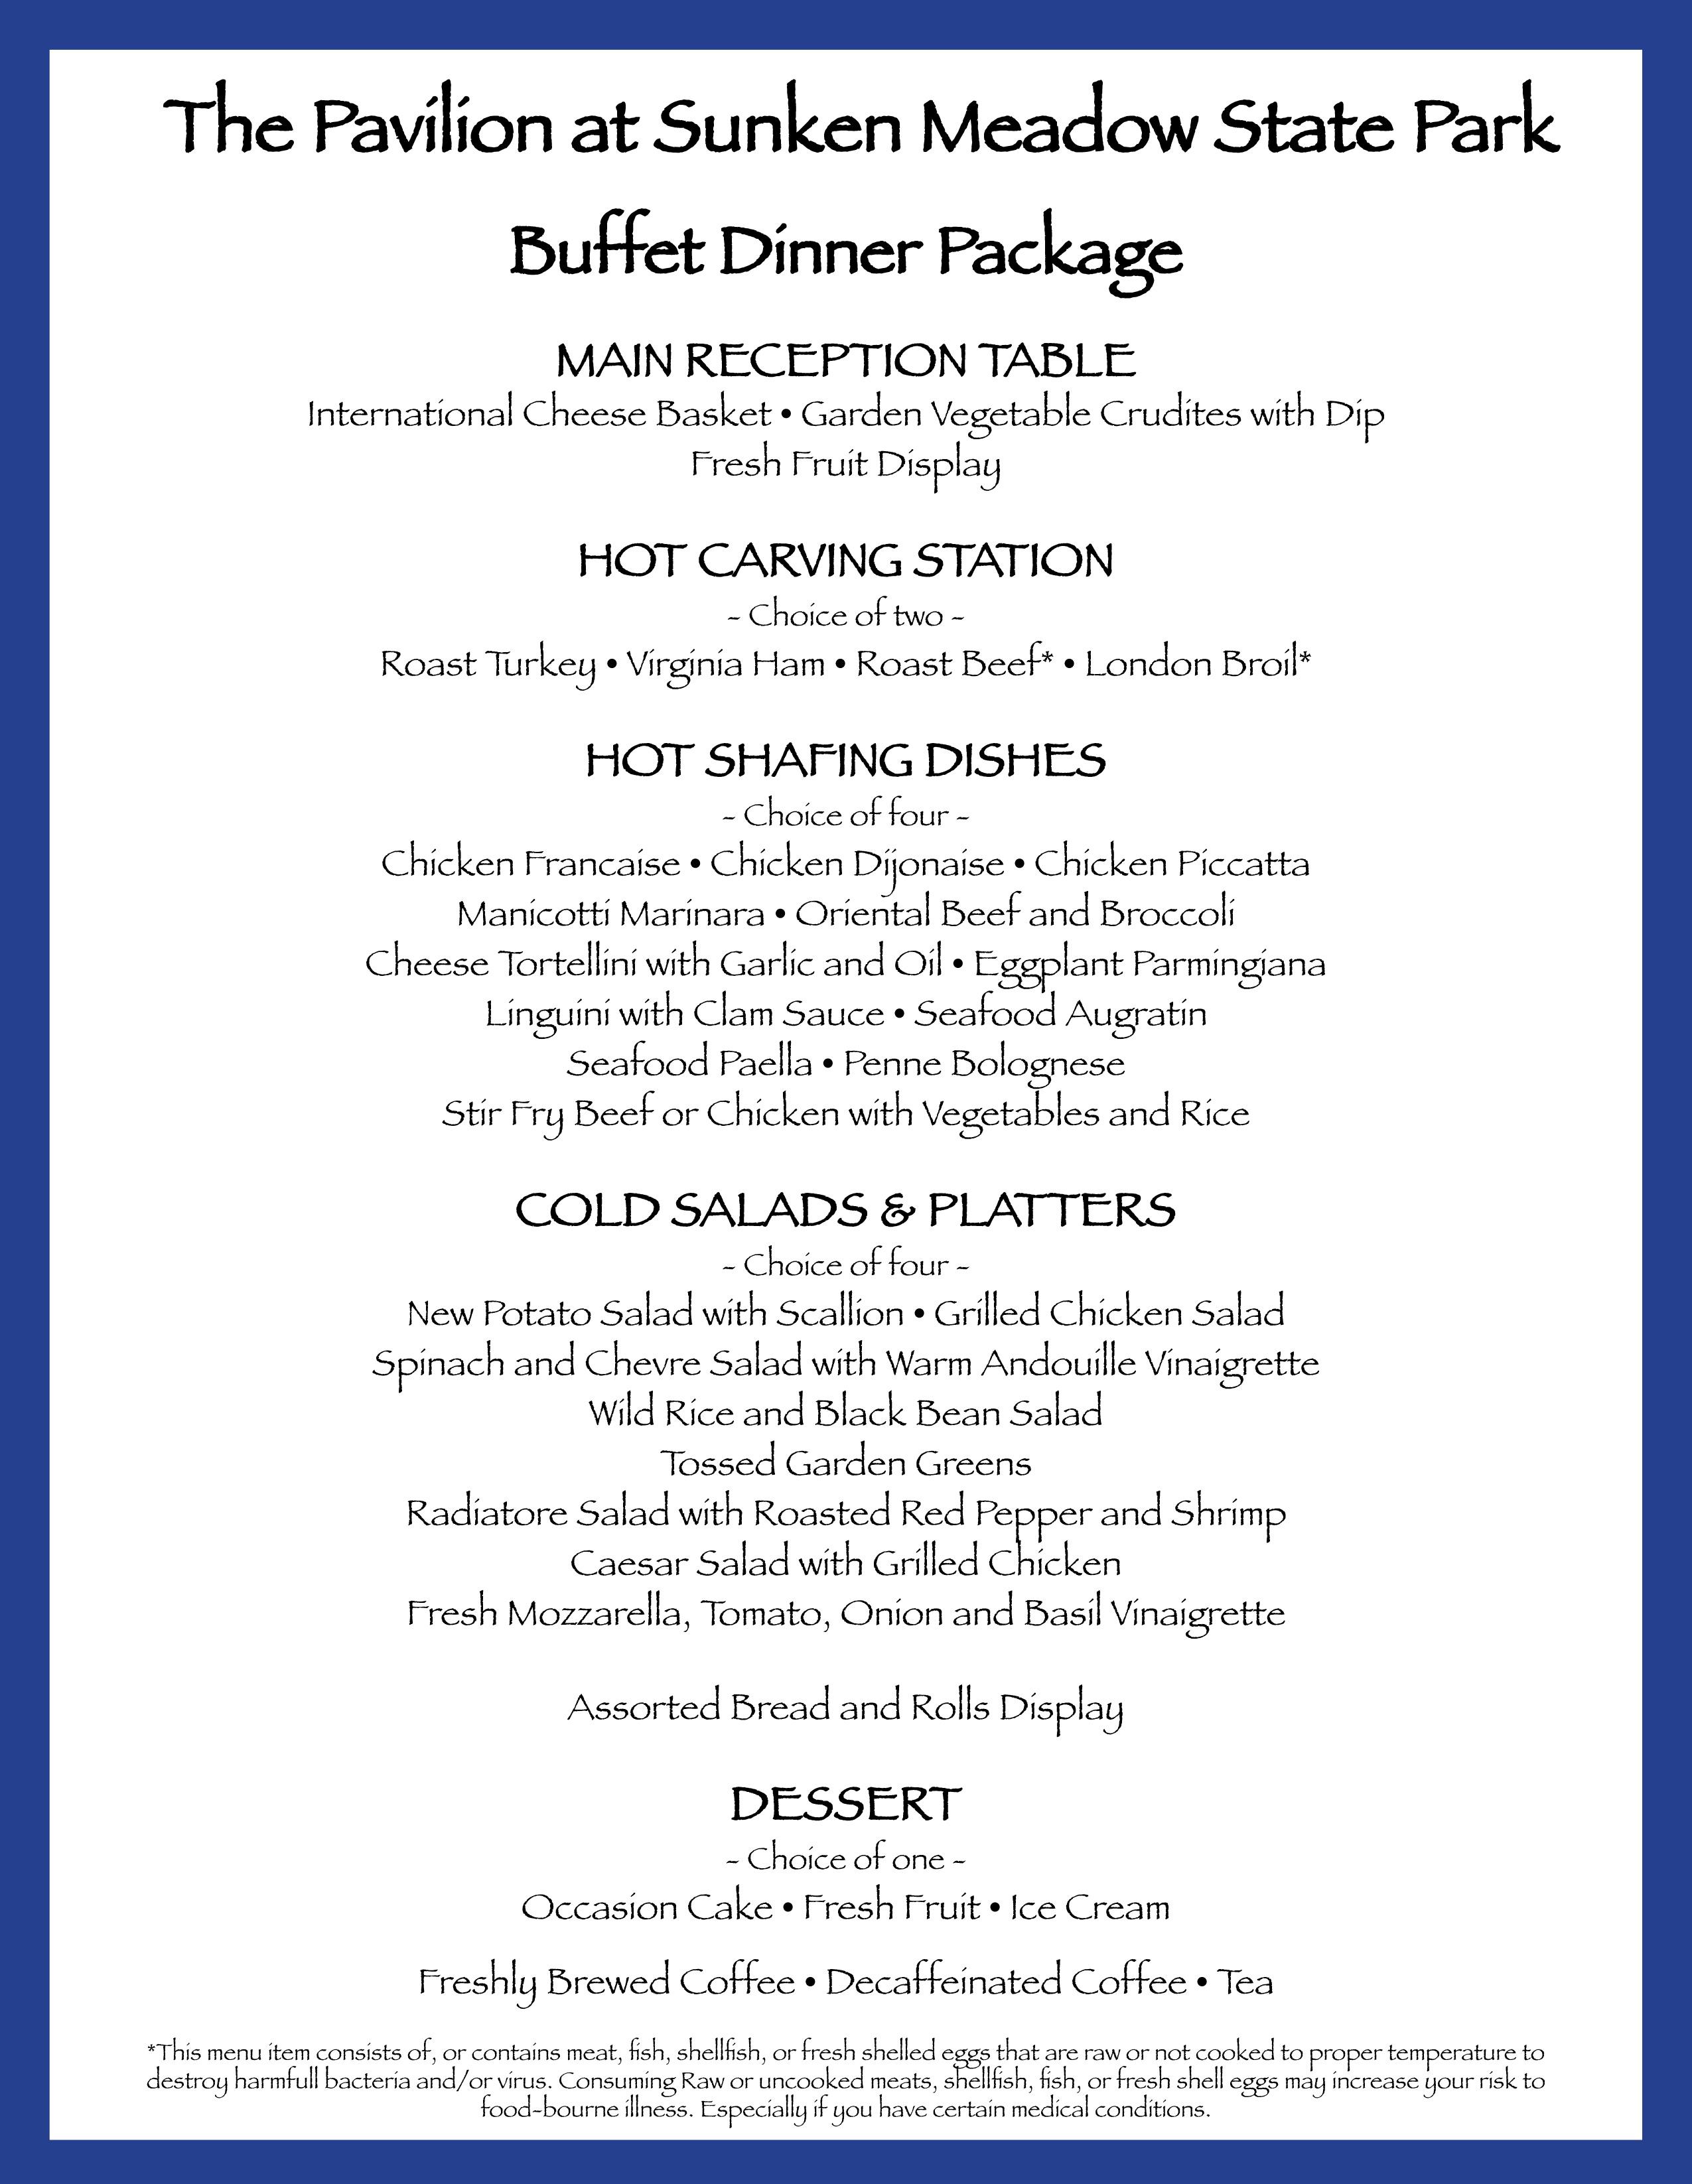 Weddings Buffet Dinner Package